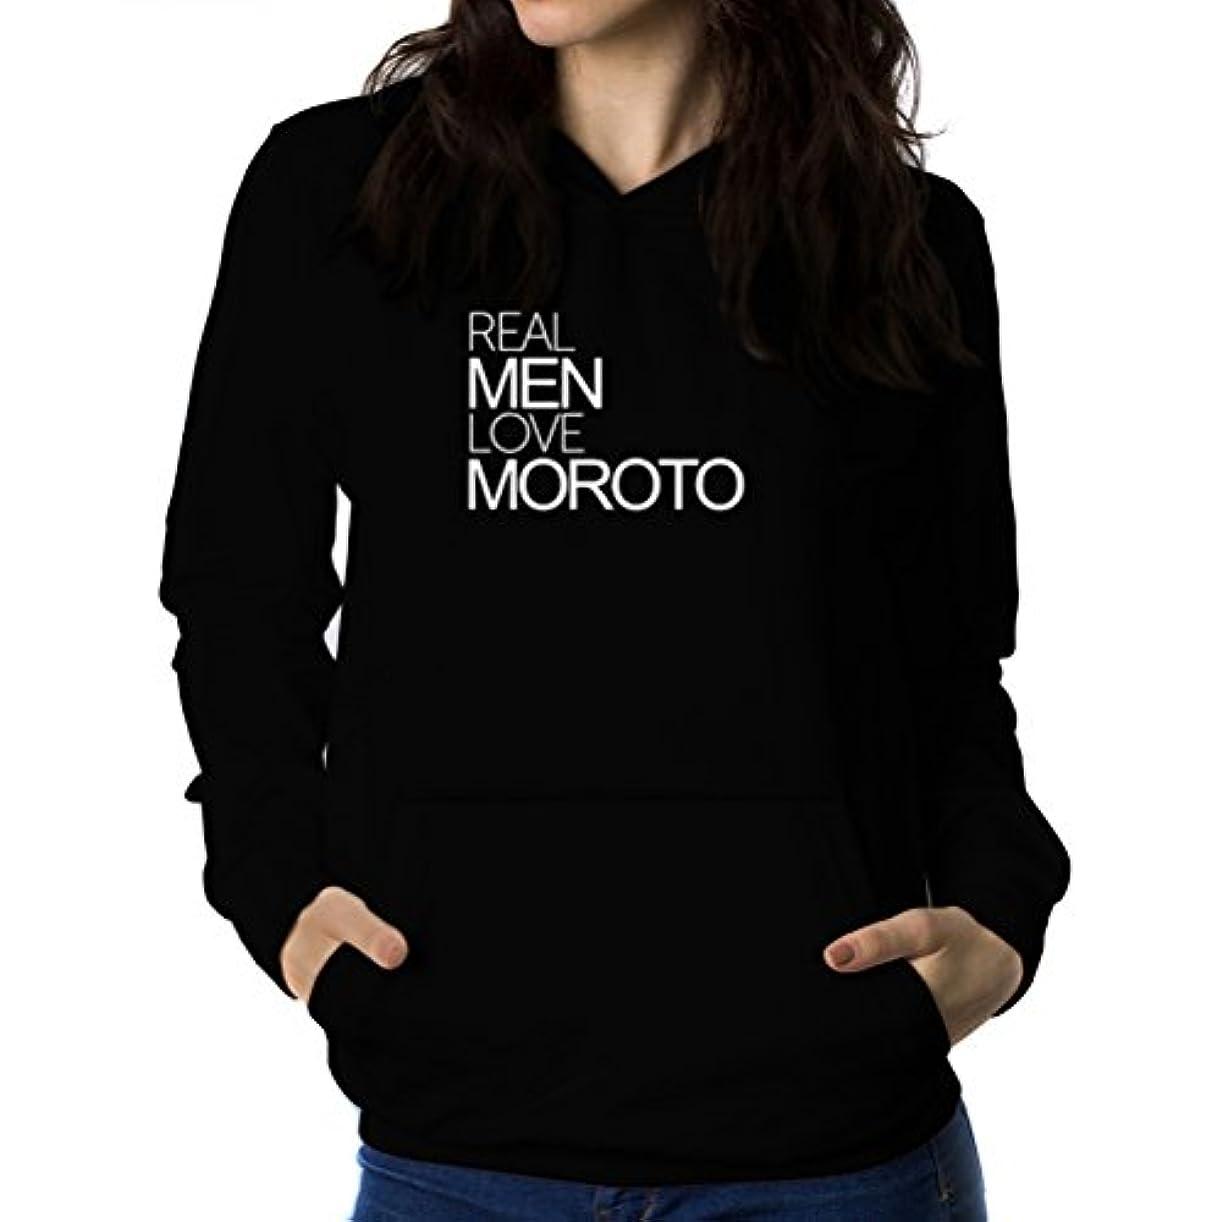 推測ドック瞑想するReal men love Moroto 女性 フーディー